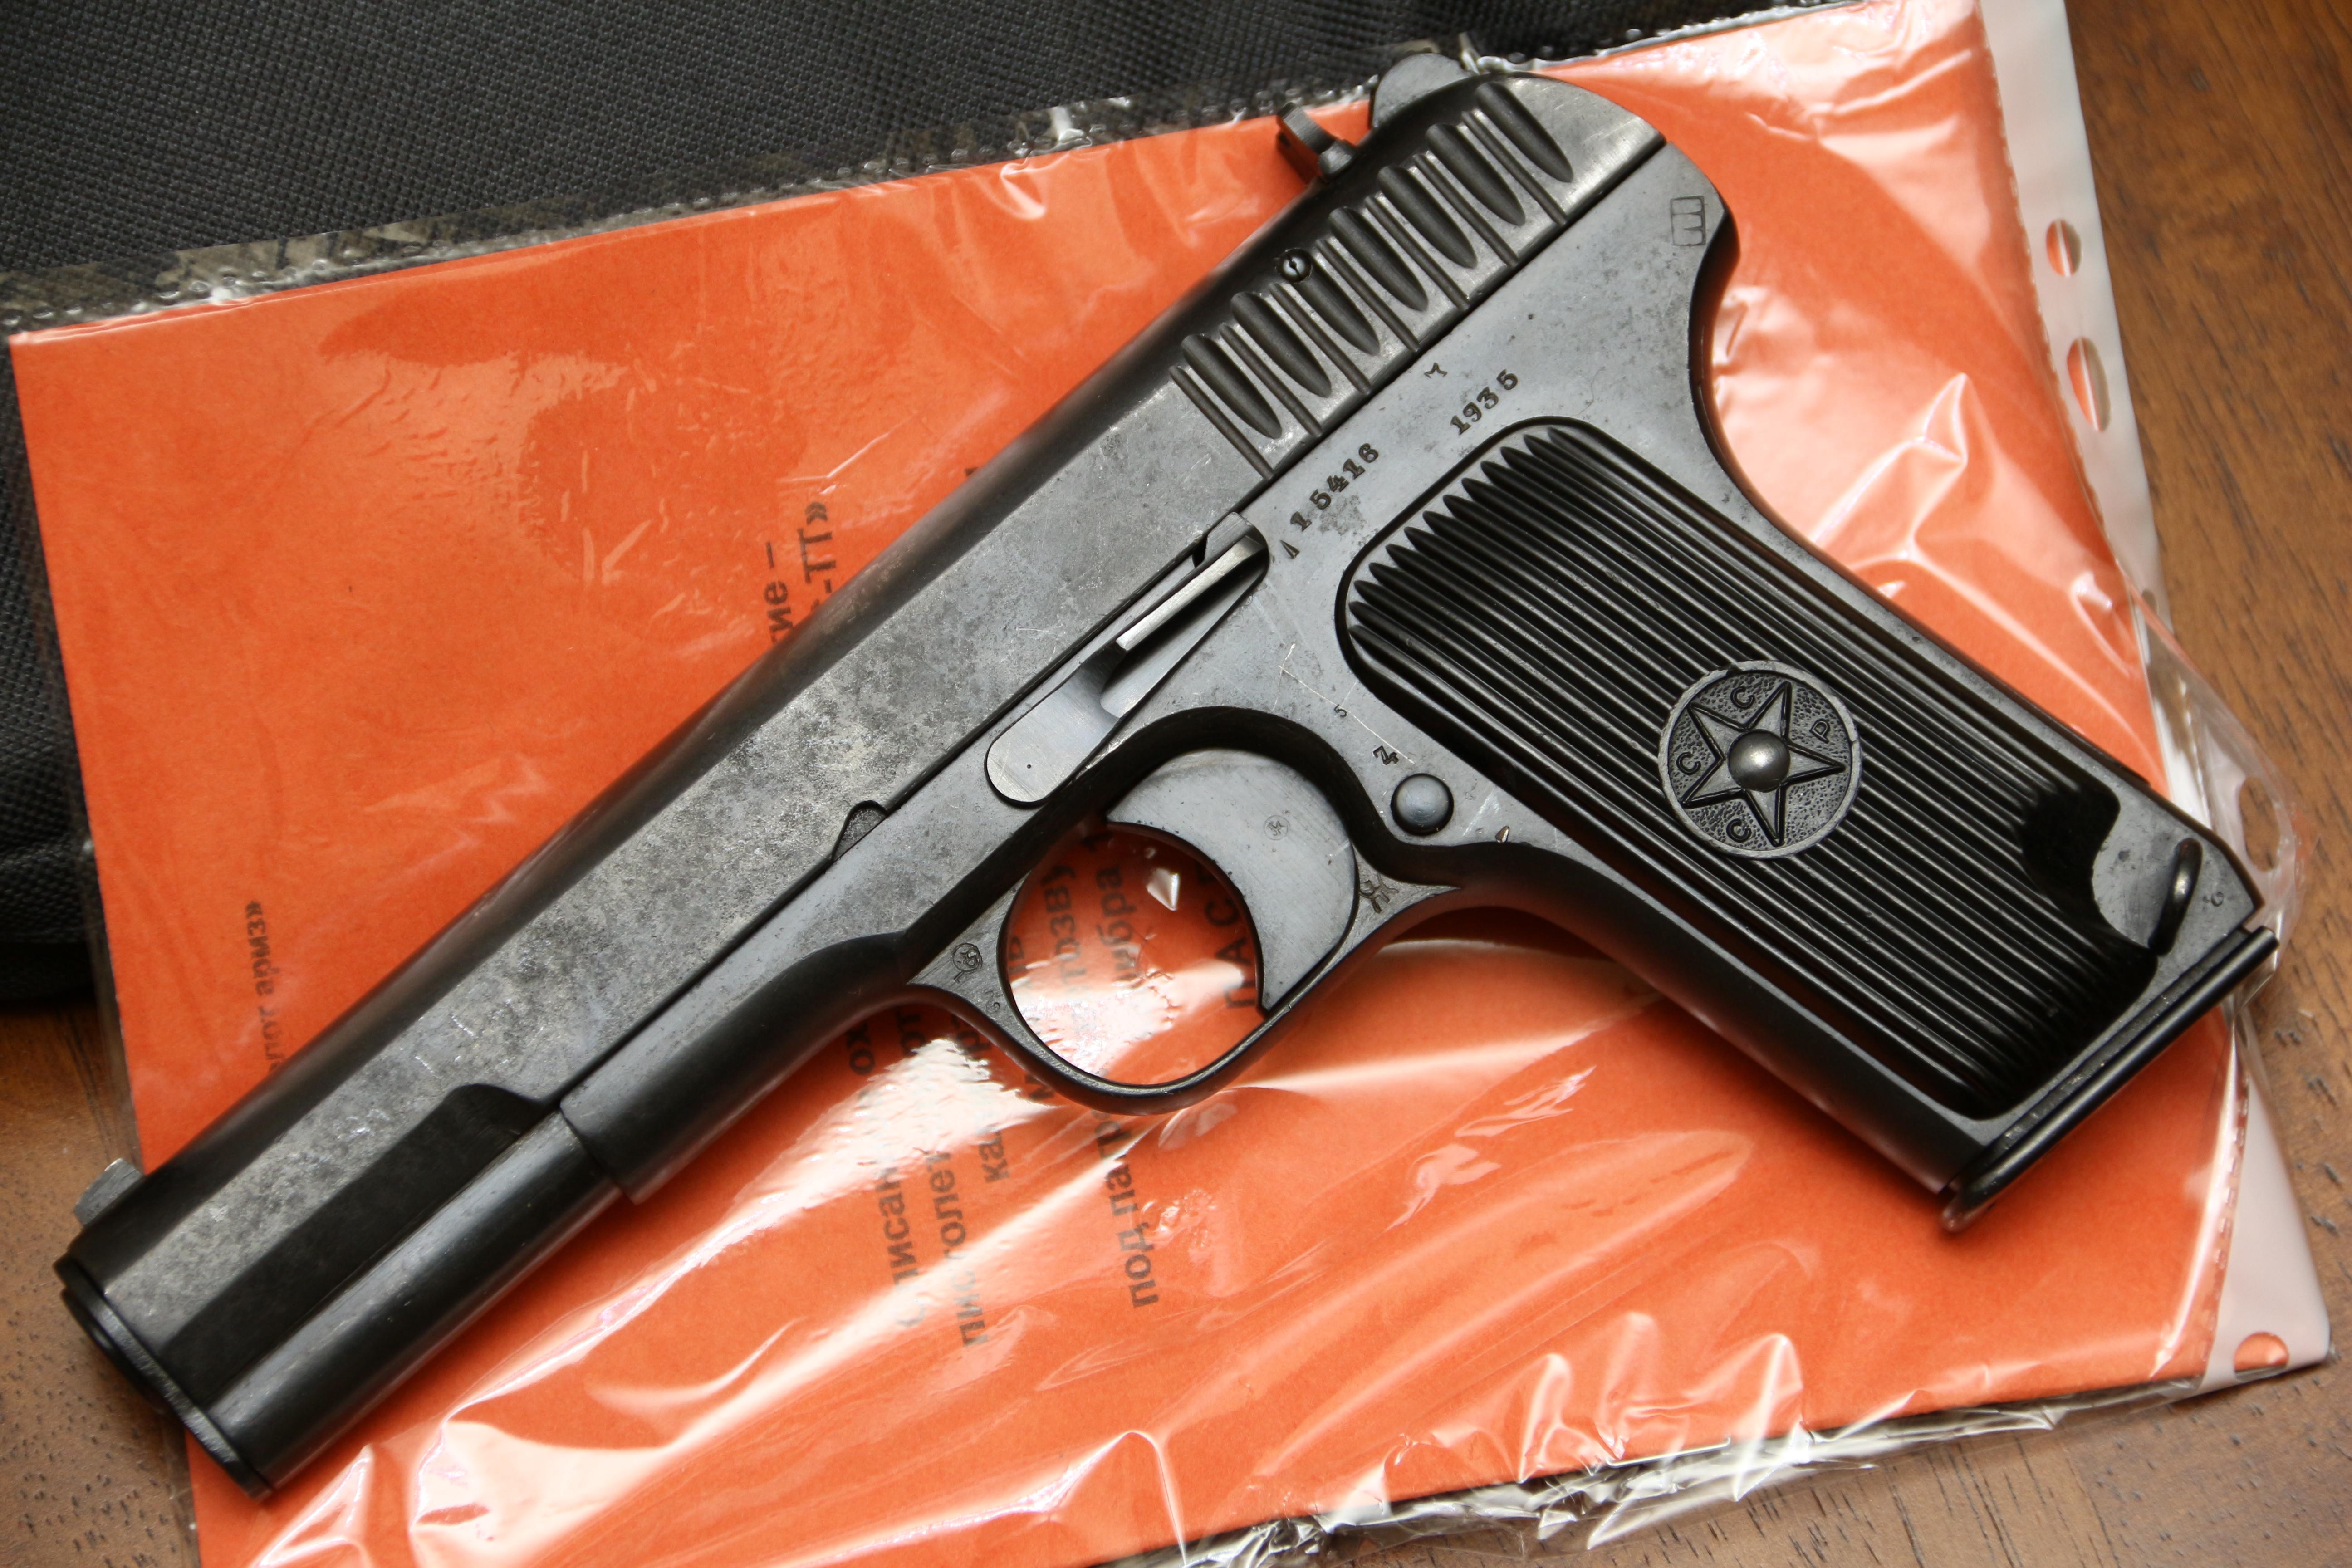 Фото Охолощенный ранний пистолет ТТ-СХ 1935 года, №15416, модификация ТТ-30